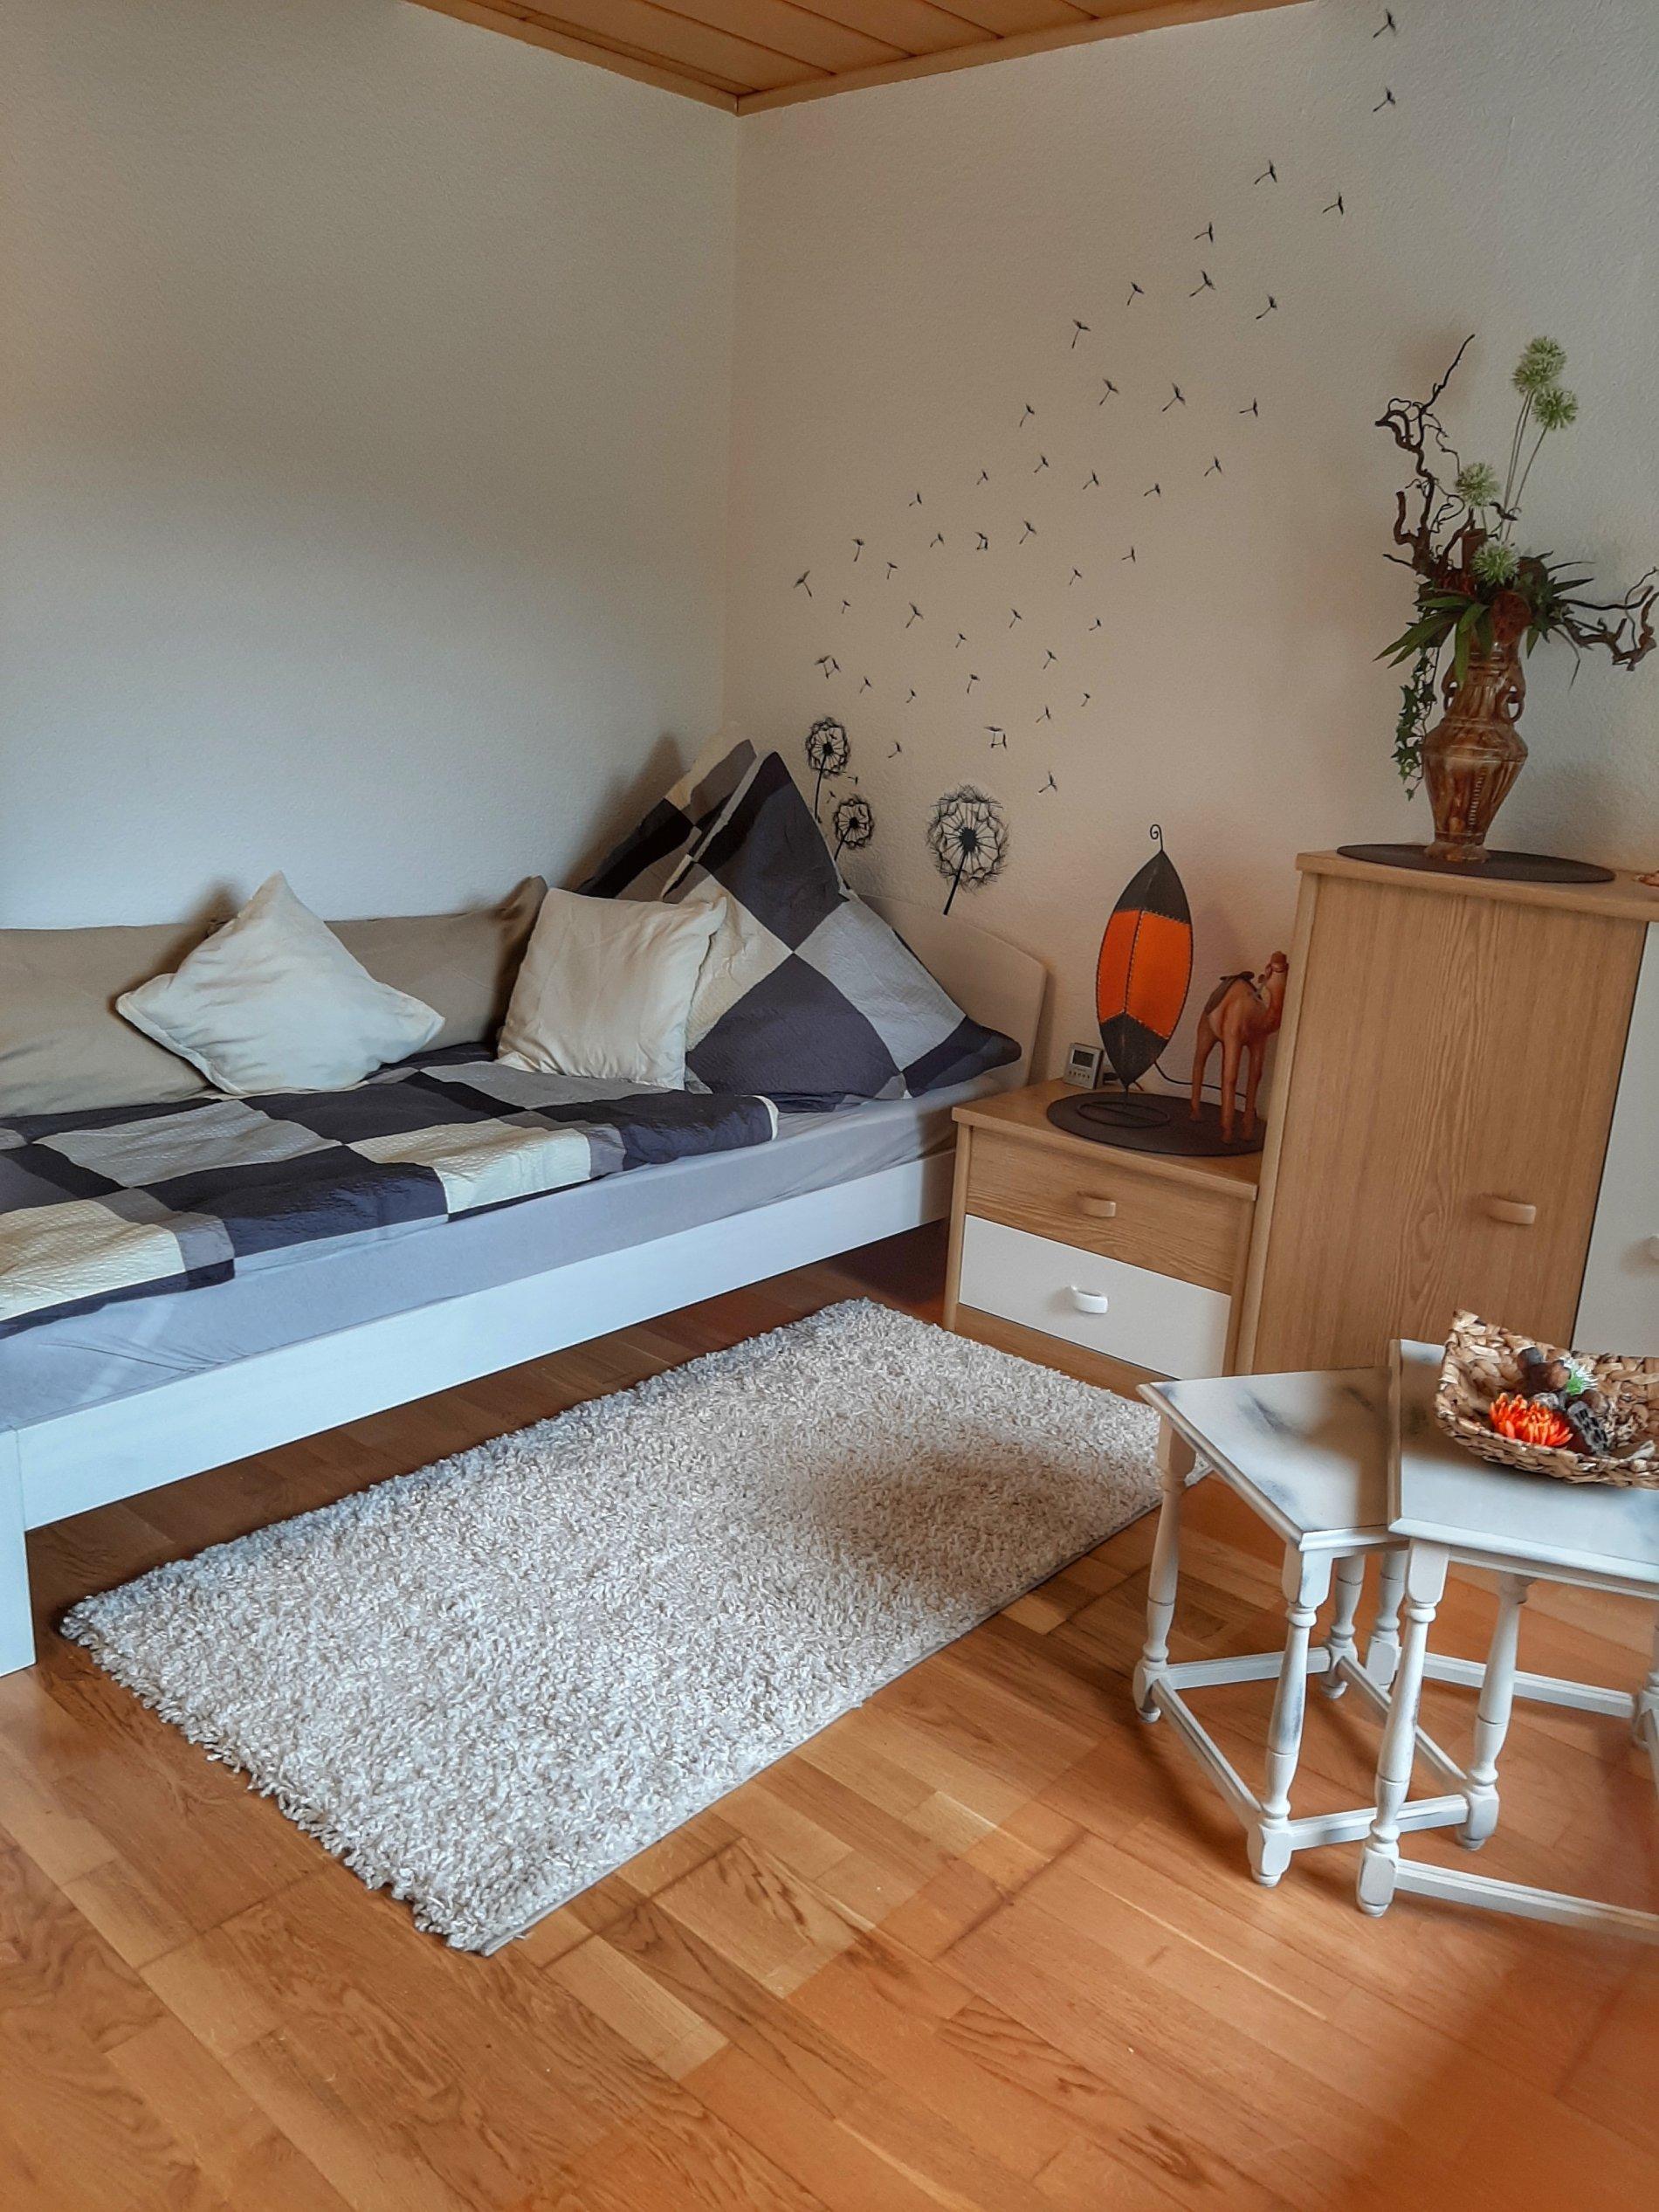 Einzelbett mit Nachttisch, Teppich und einem kleinen Tisch auf Pakett